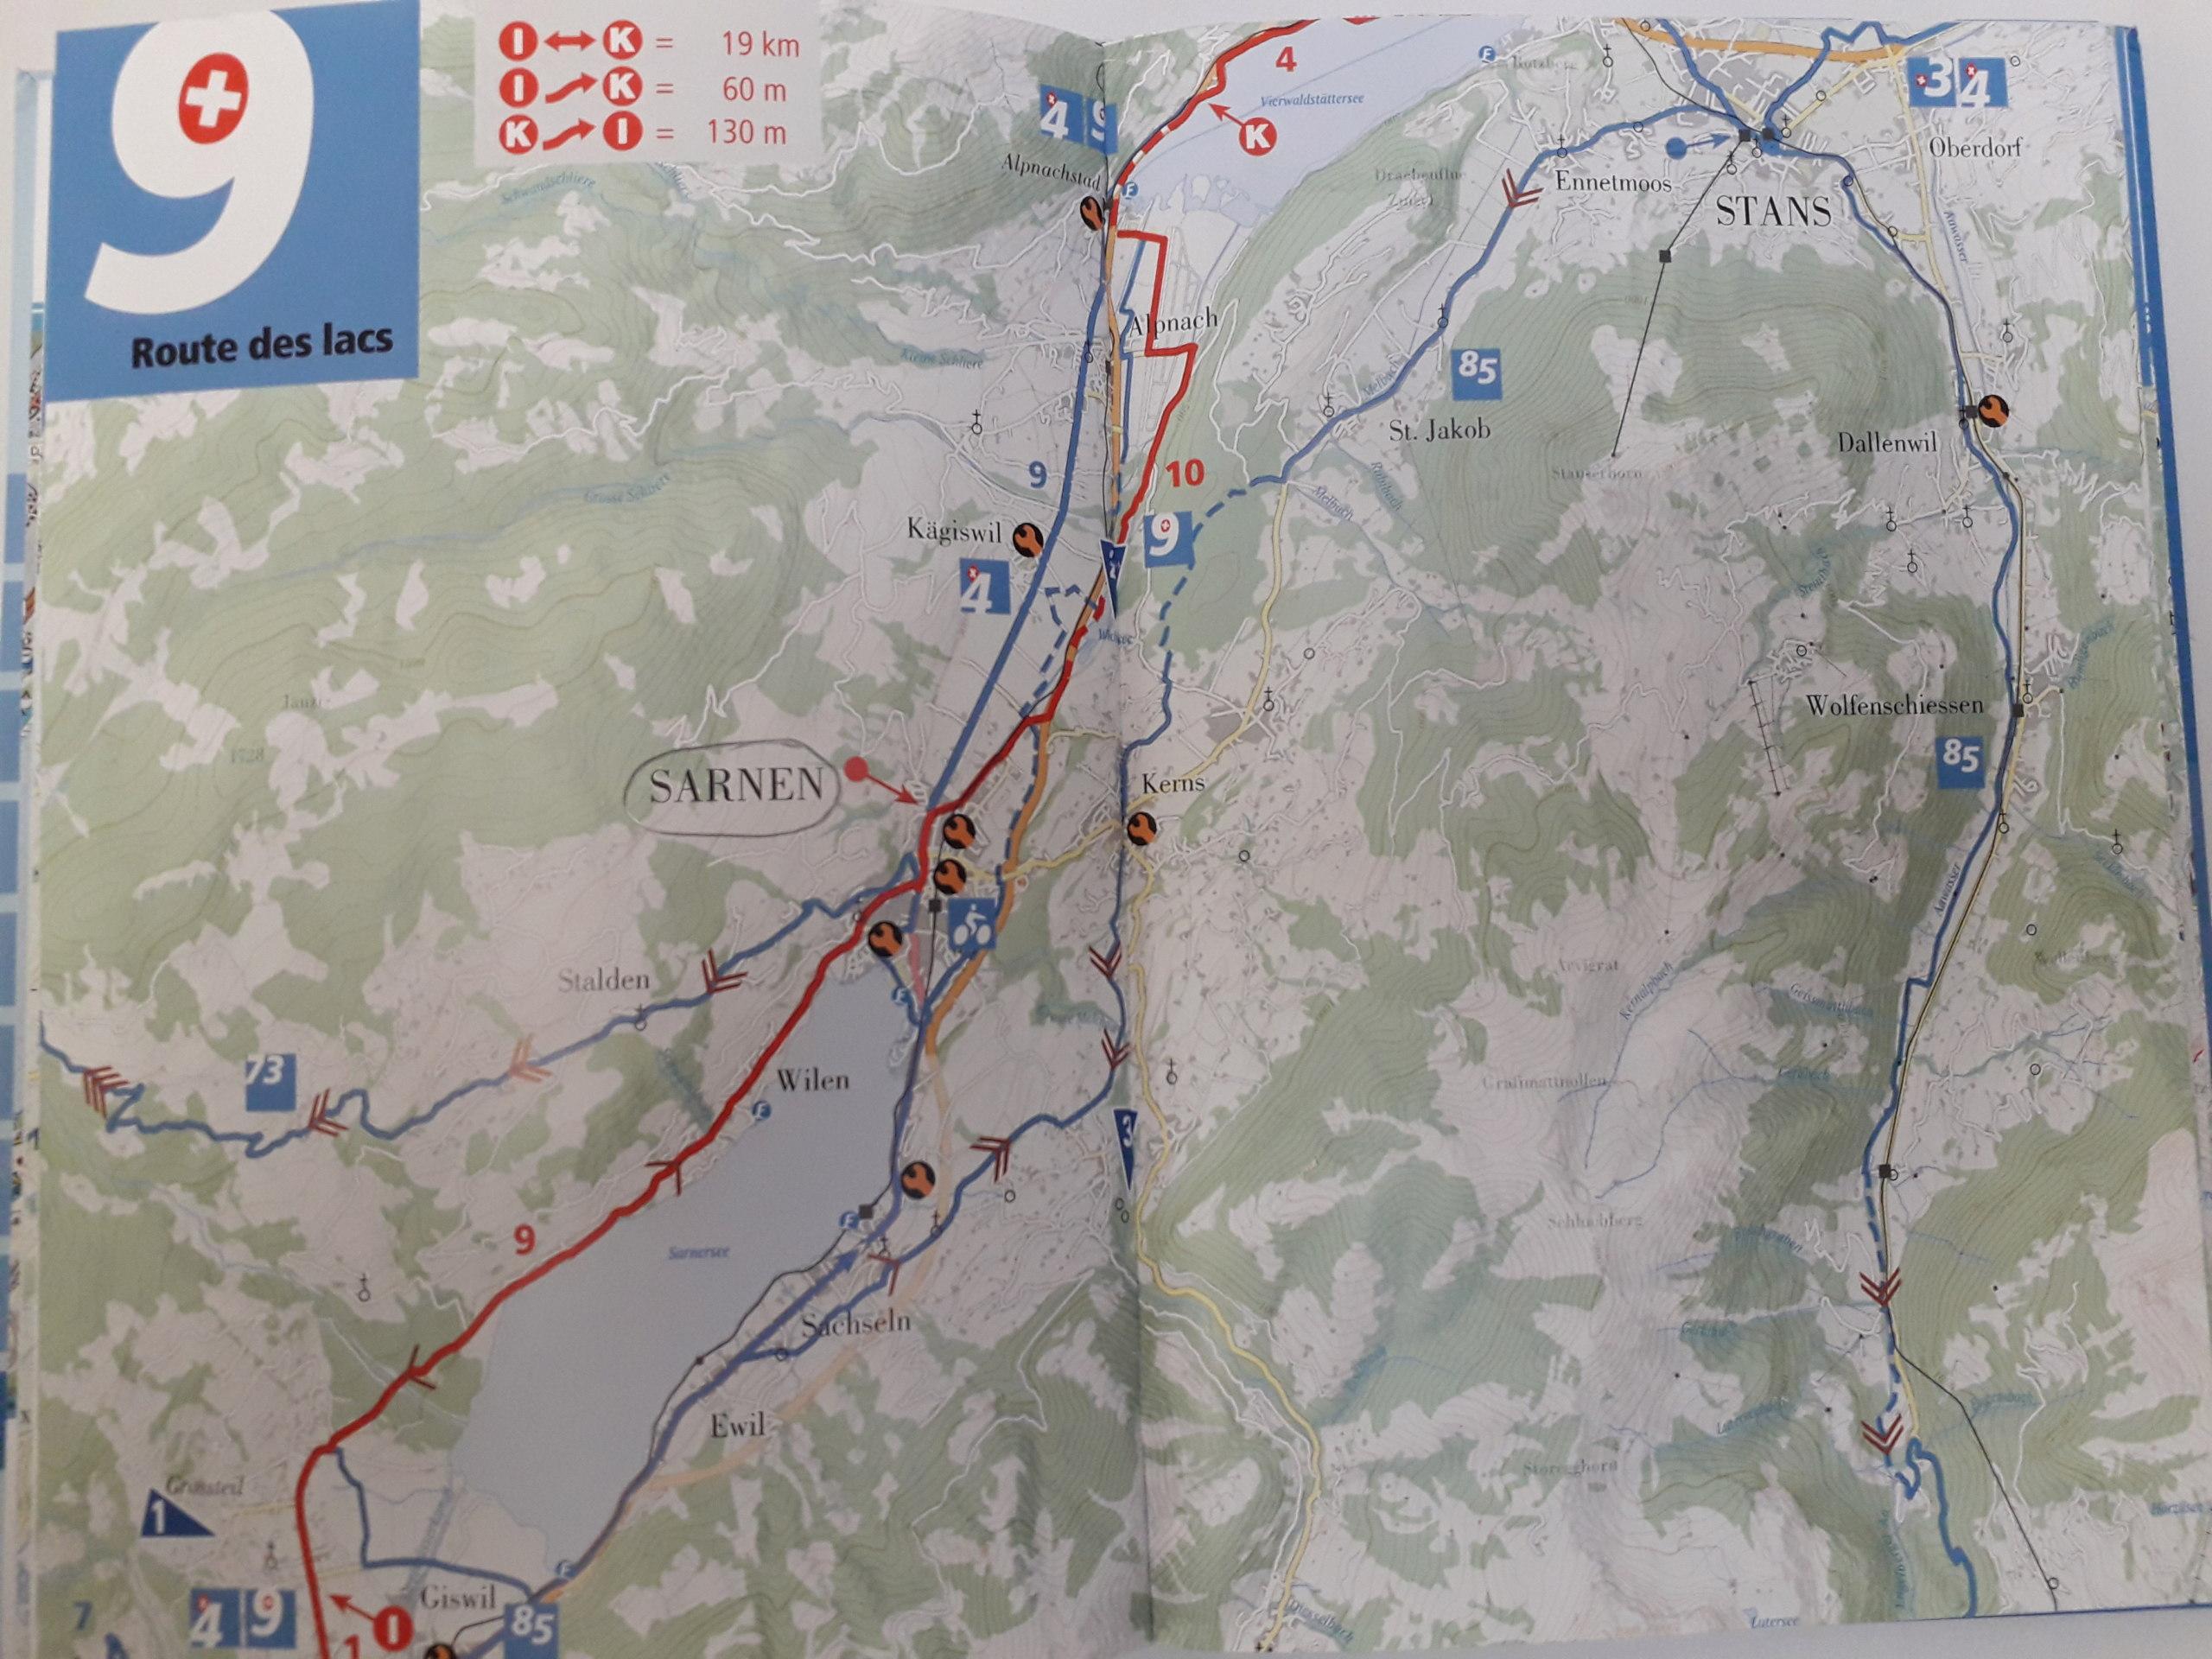 La Route des lacs - Suisse [7 au 12 juin] saison 14 •Bƒ 20190519